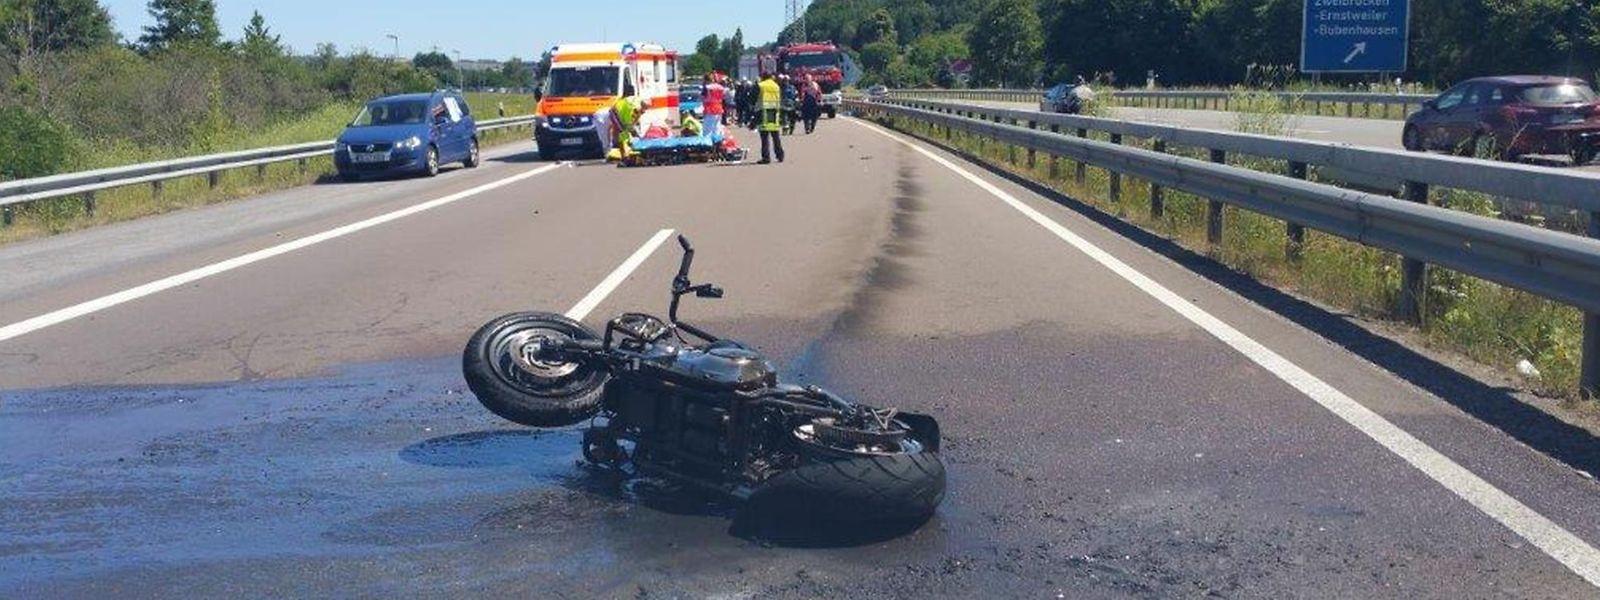 Bei dem Unfall am 1. Juli 2018 wurde der 37-jährige Motorradfahrer lebensgefährlich verletzt. Der Sozius, sein 13-jähriger Stiefsohn, überlebte nicht.